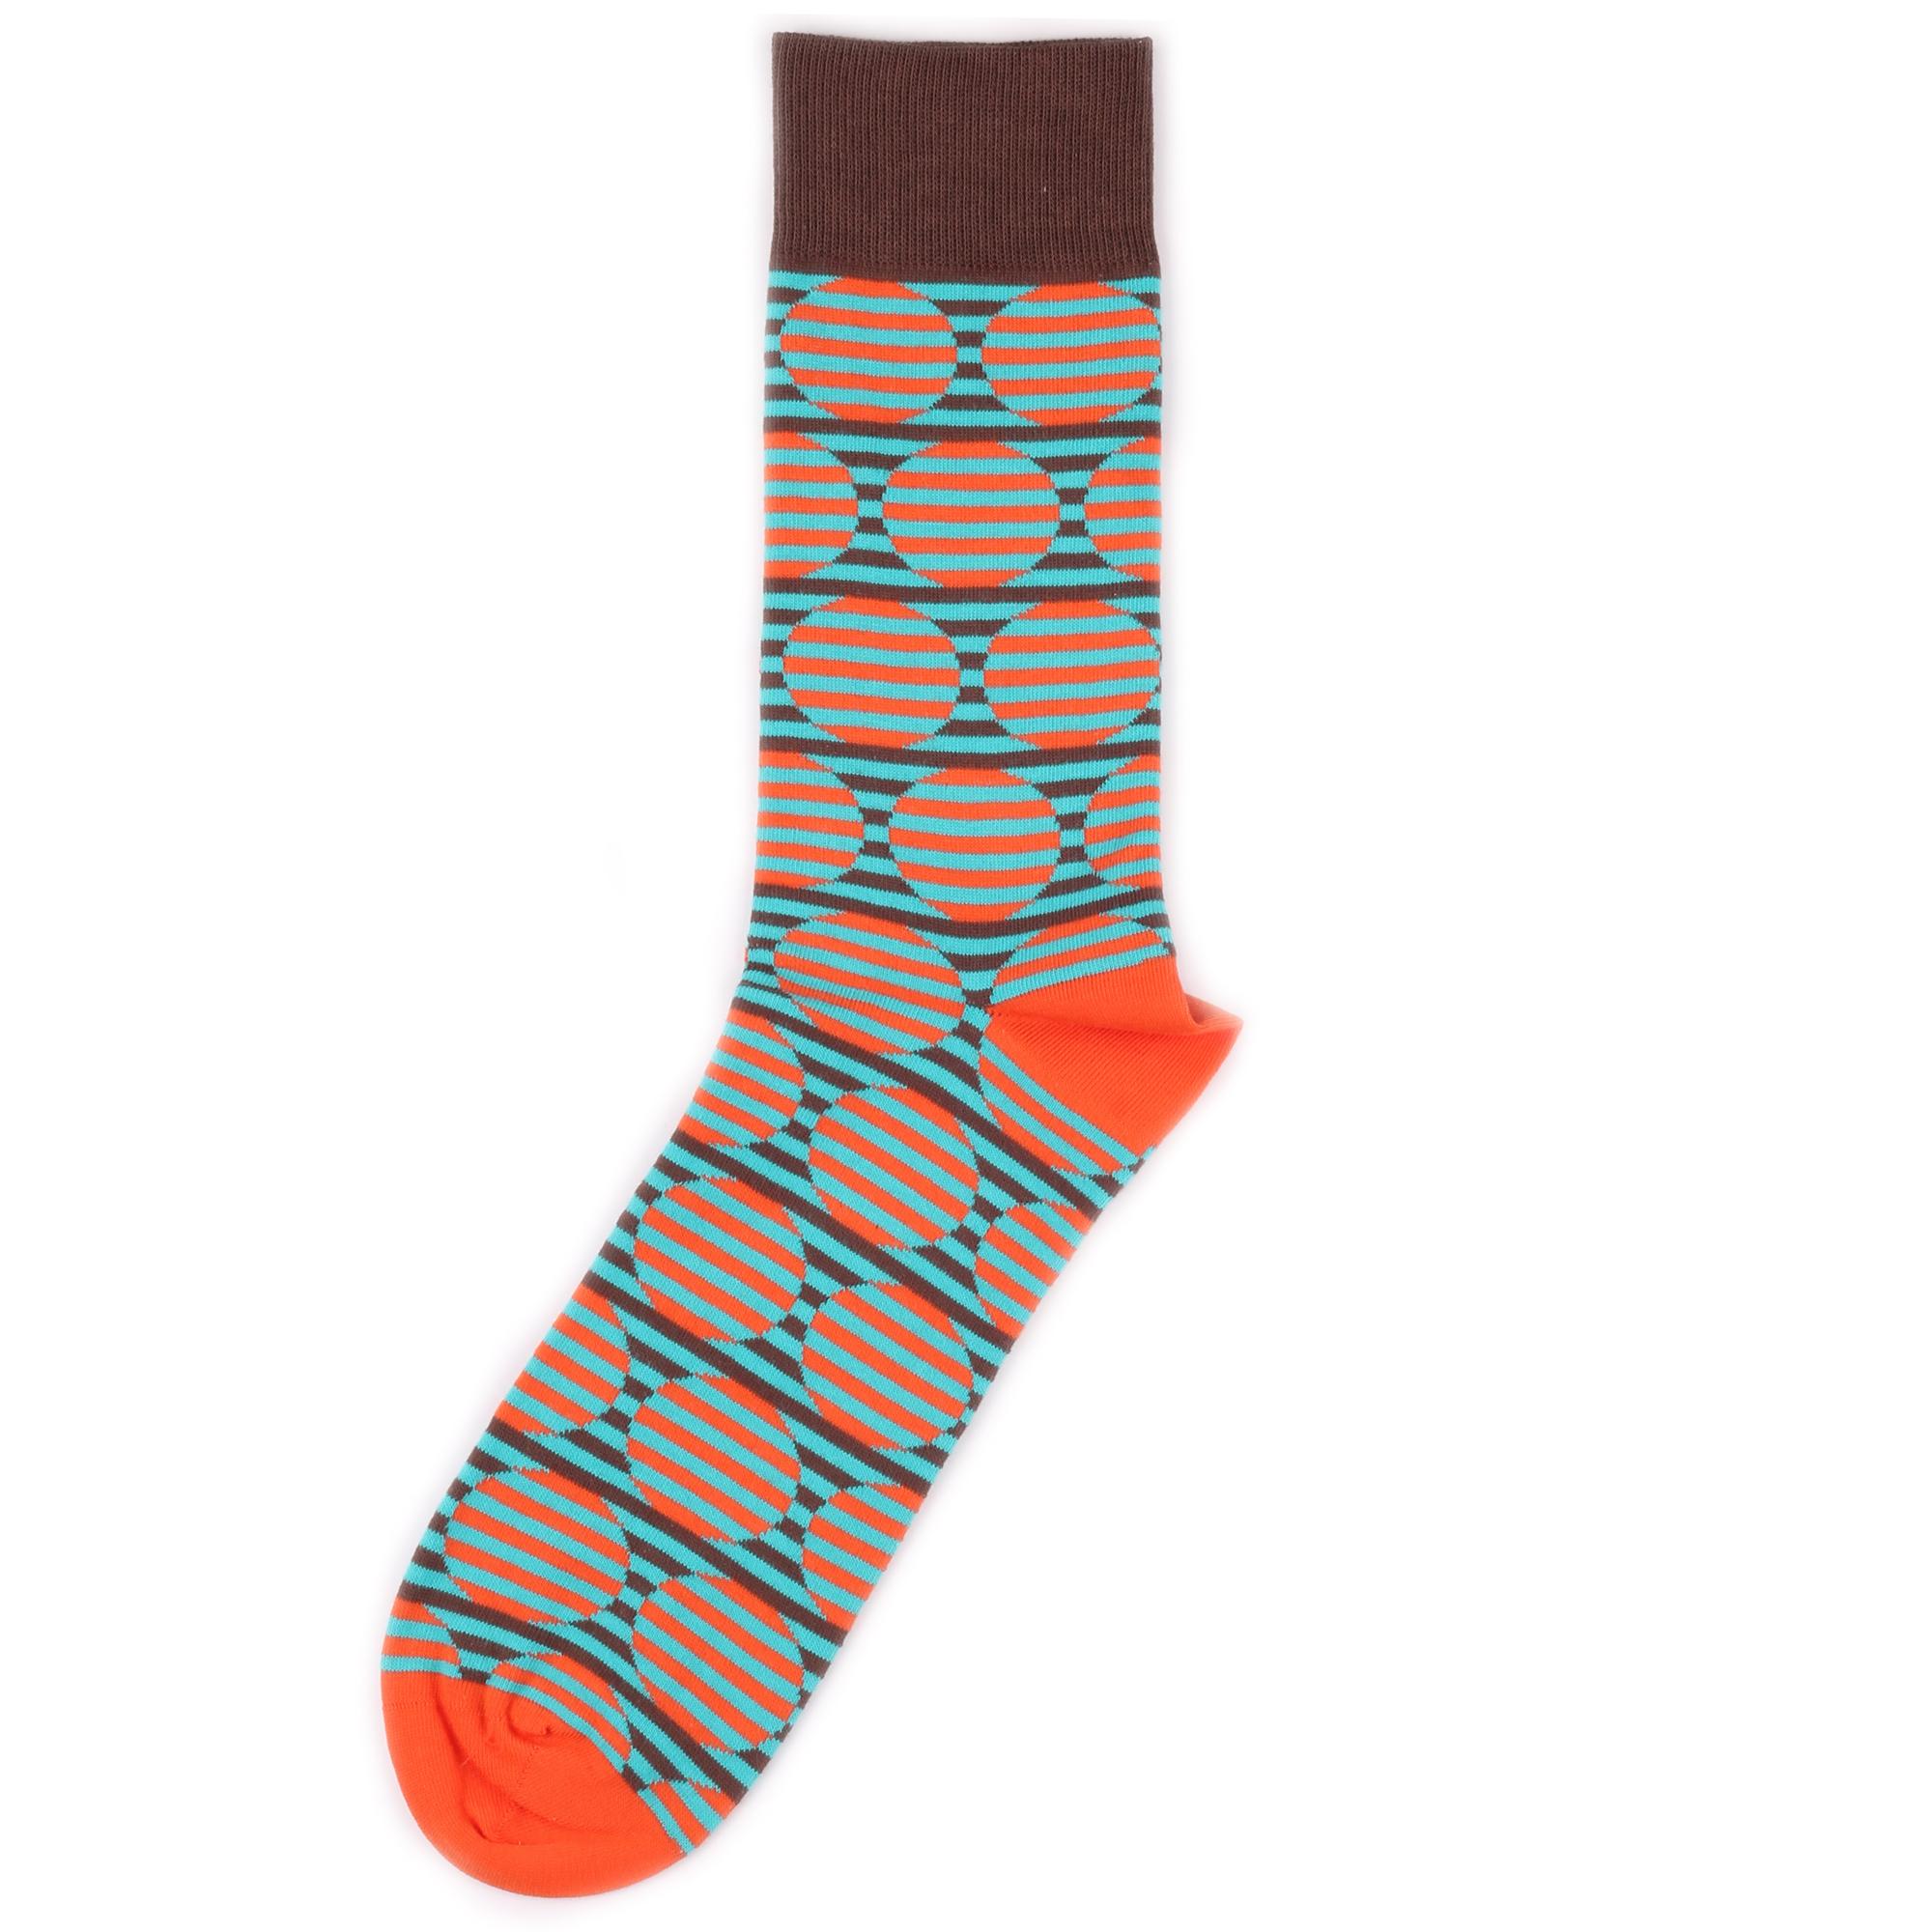 Носки унисекс Burning heels BHCircle разноцветные 42-46 RU